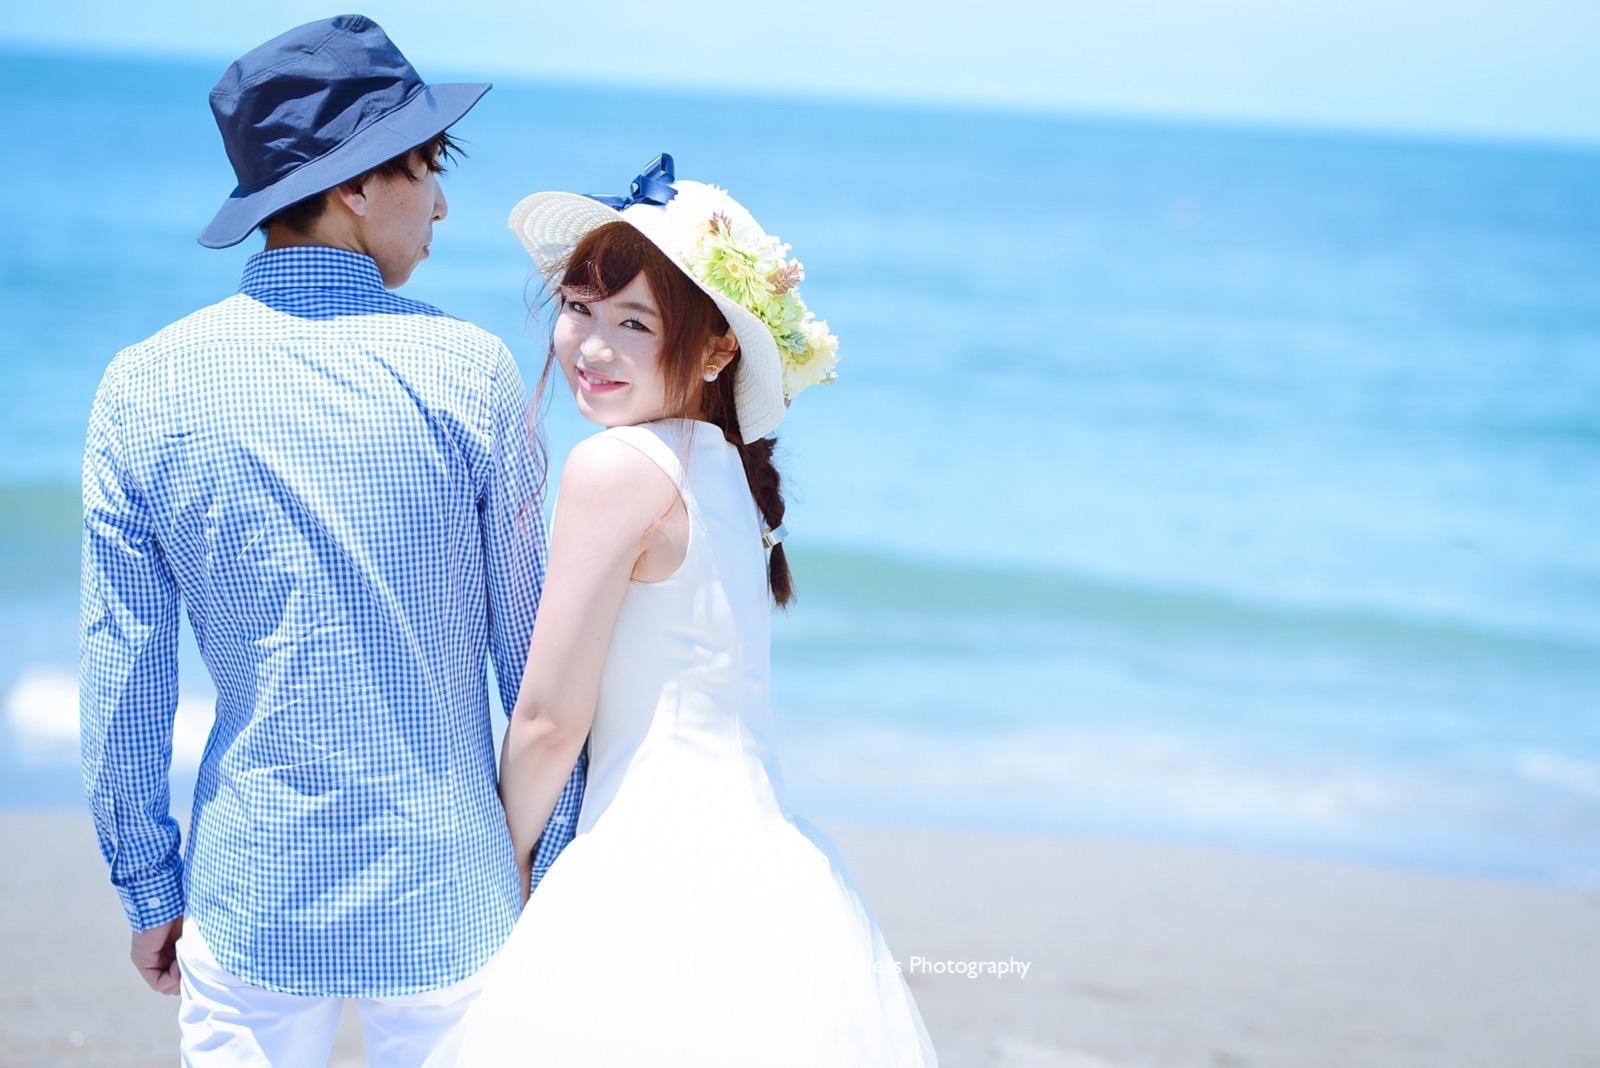 カメラを見つけて微笑む可愛らしい花嫁